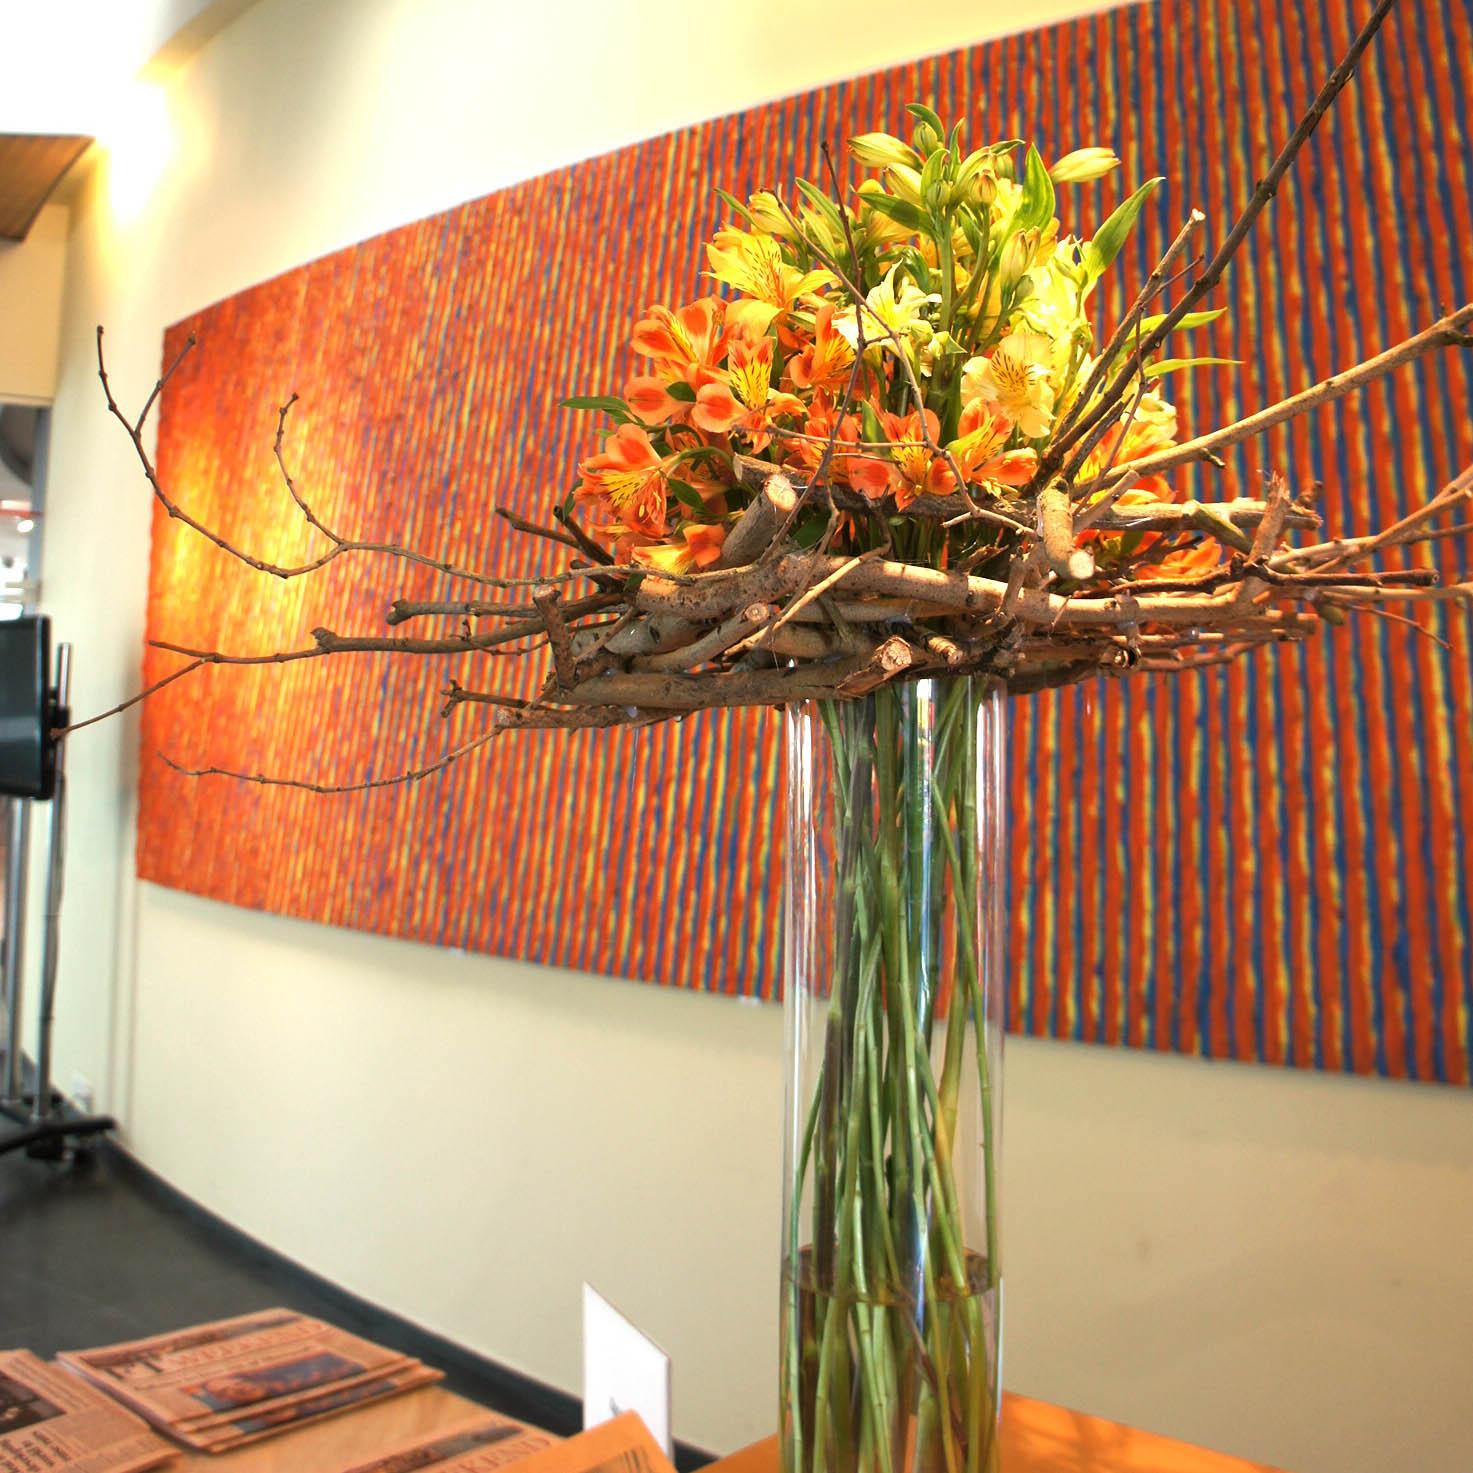 kolorystyka kompozycji dobrana do wystroju wnętrza biurowca i recepcji